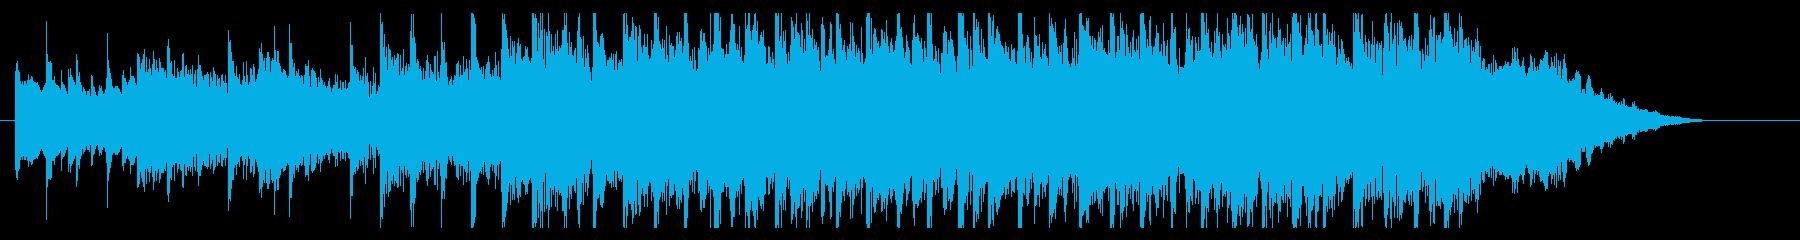 【30秒】ポジティブな爽やかコーポレートの再生済みの波形